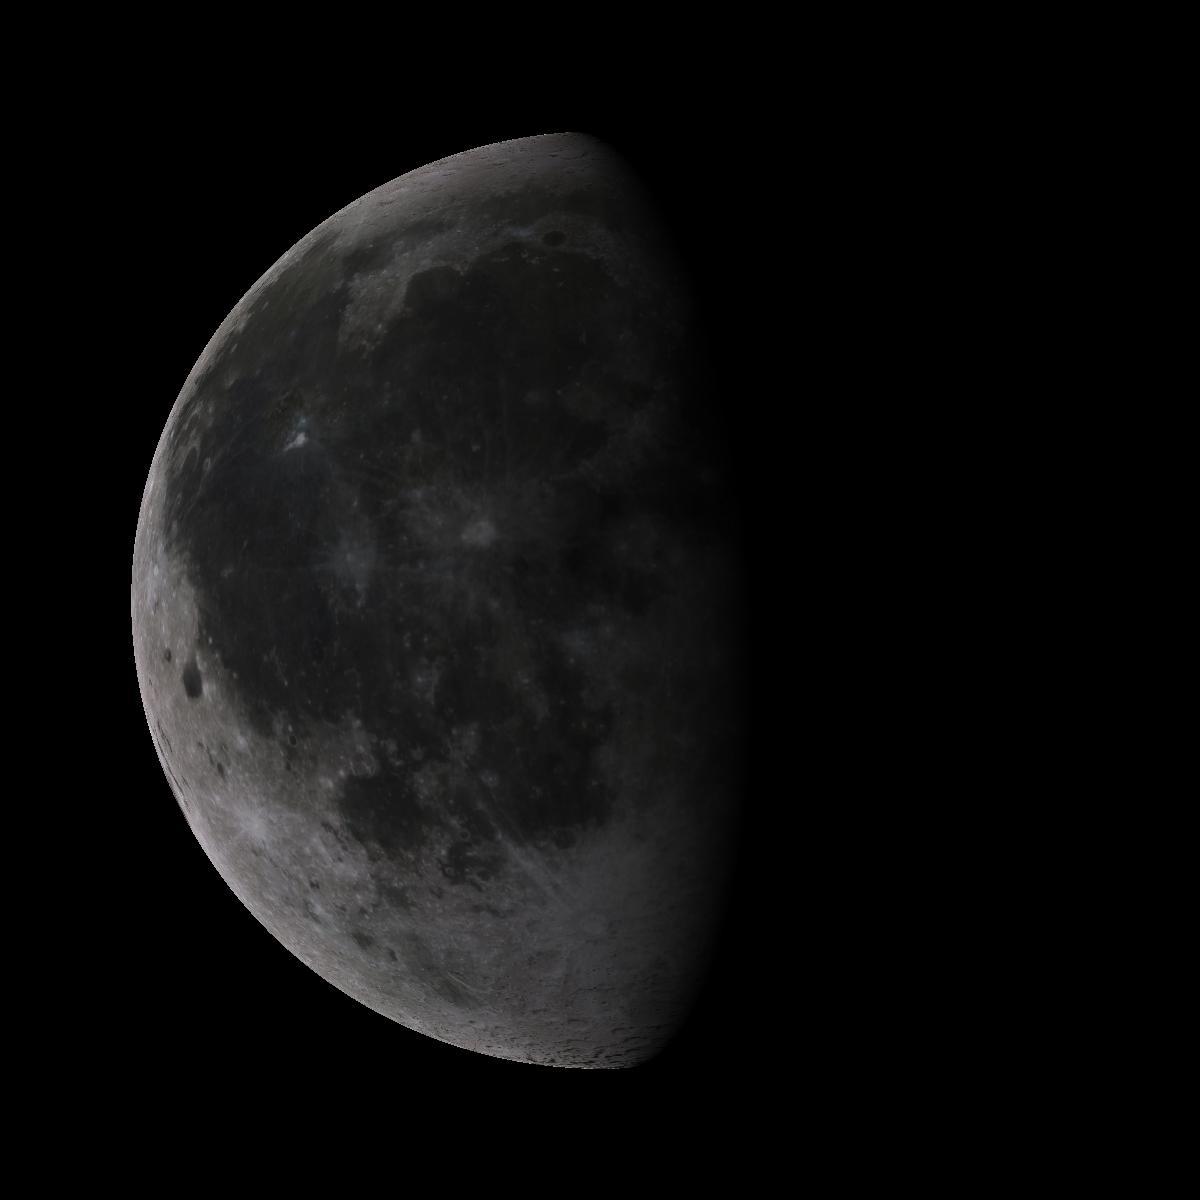 Lune du 20 octobre 2019